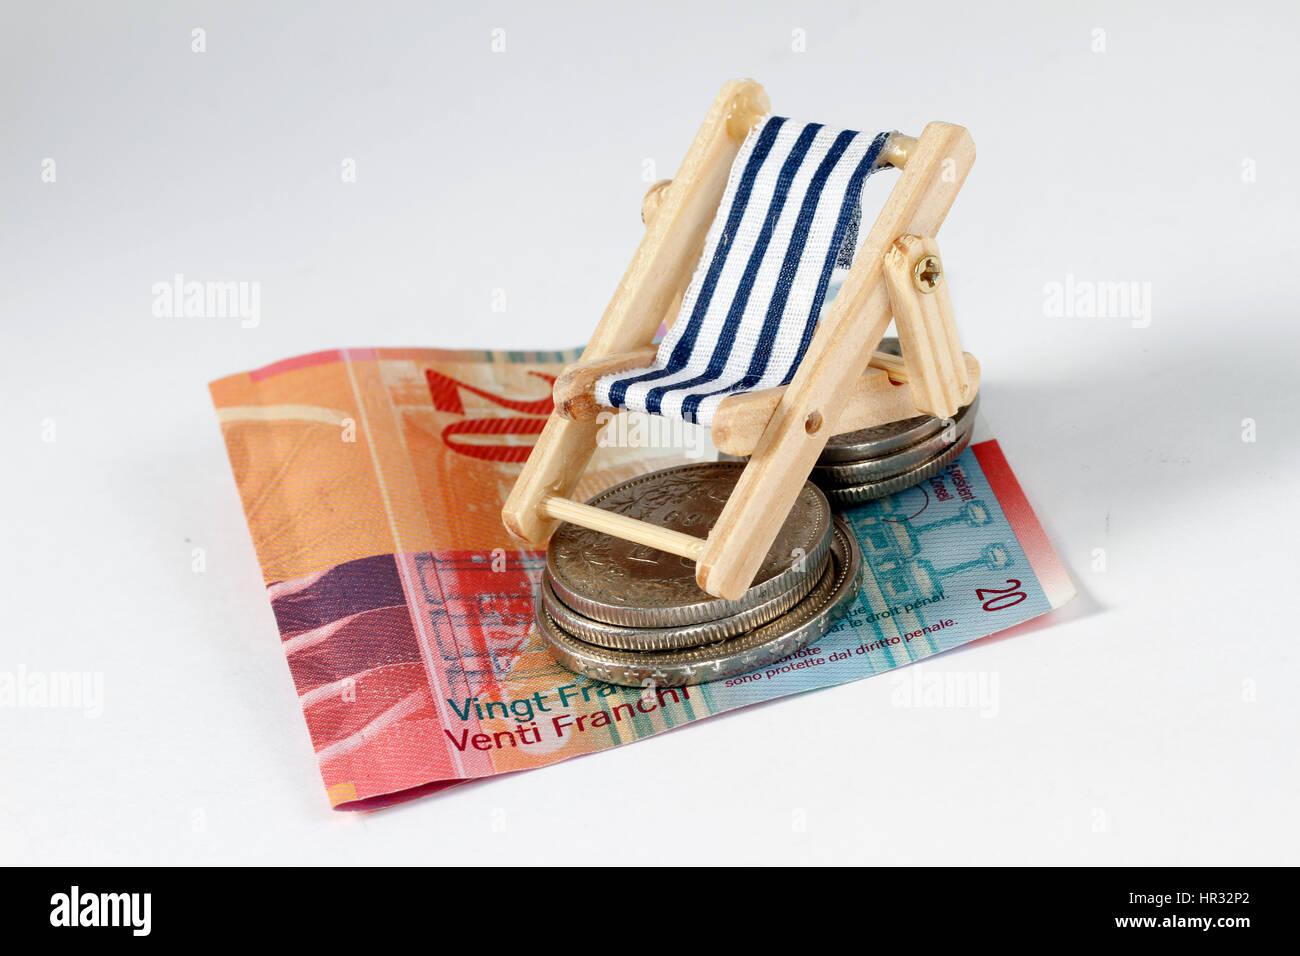 Urlaubageld Franken - Stock Image